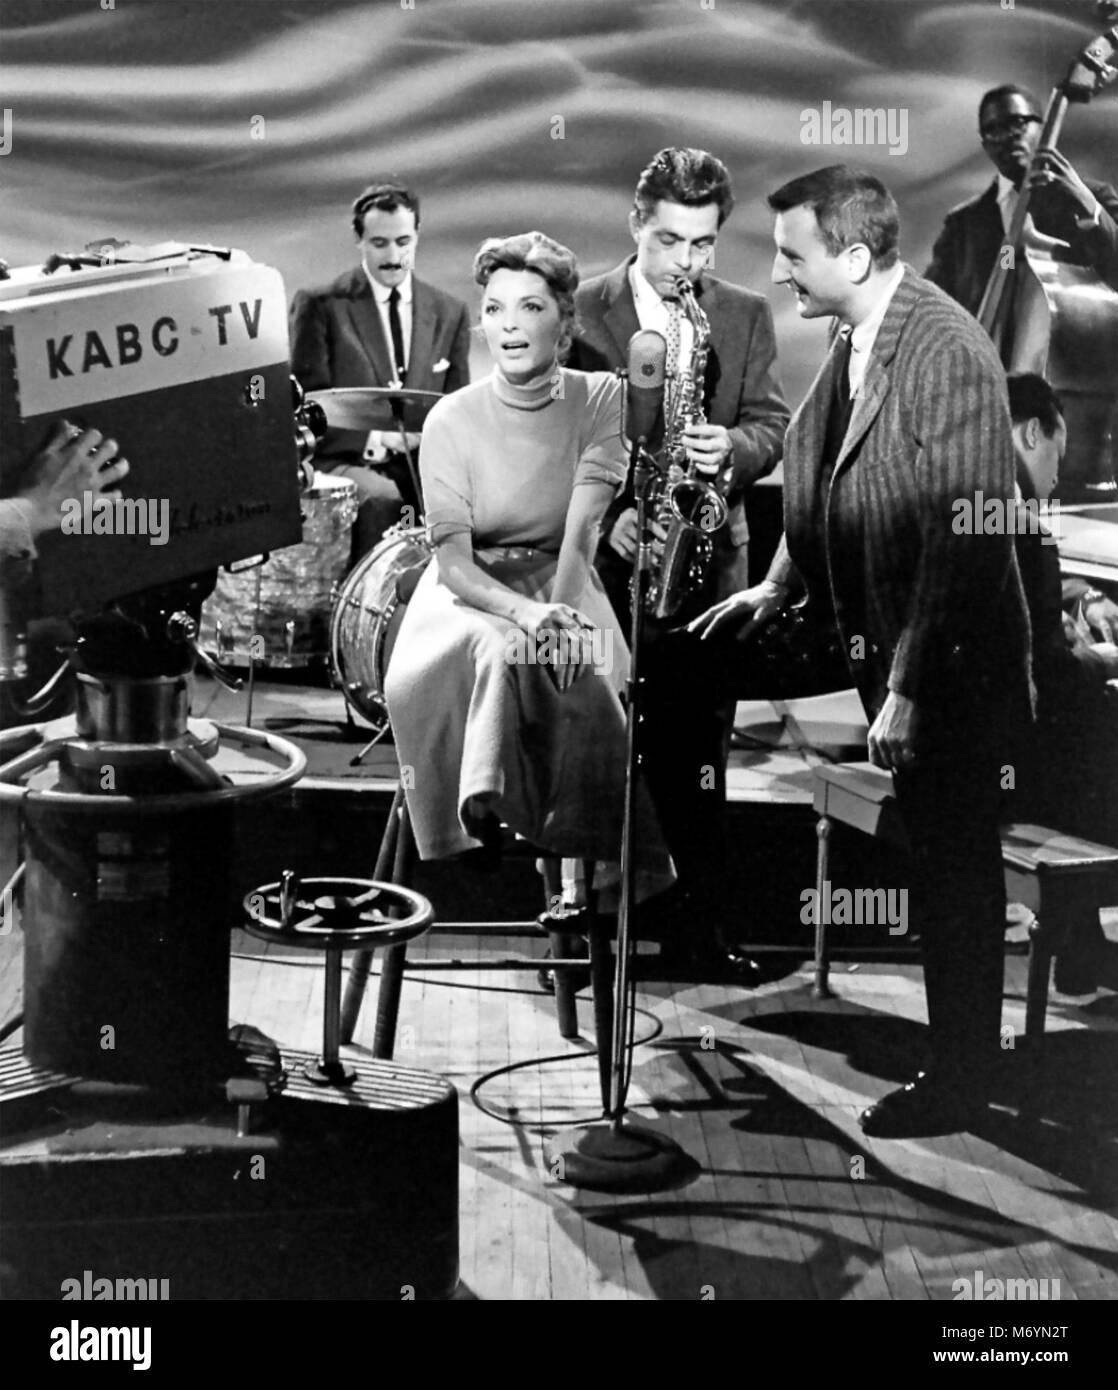 """JULIE LONDON (1926-2000), US-amerikanische Jazzsängerin und Schauspielerin auf der Amerikanischen KABC TV-Show """"Stars des Jazz' 1957 Stockfoto"""